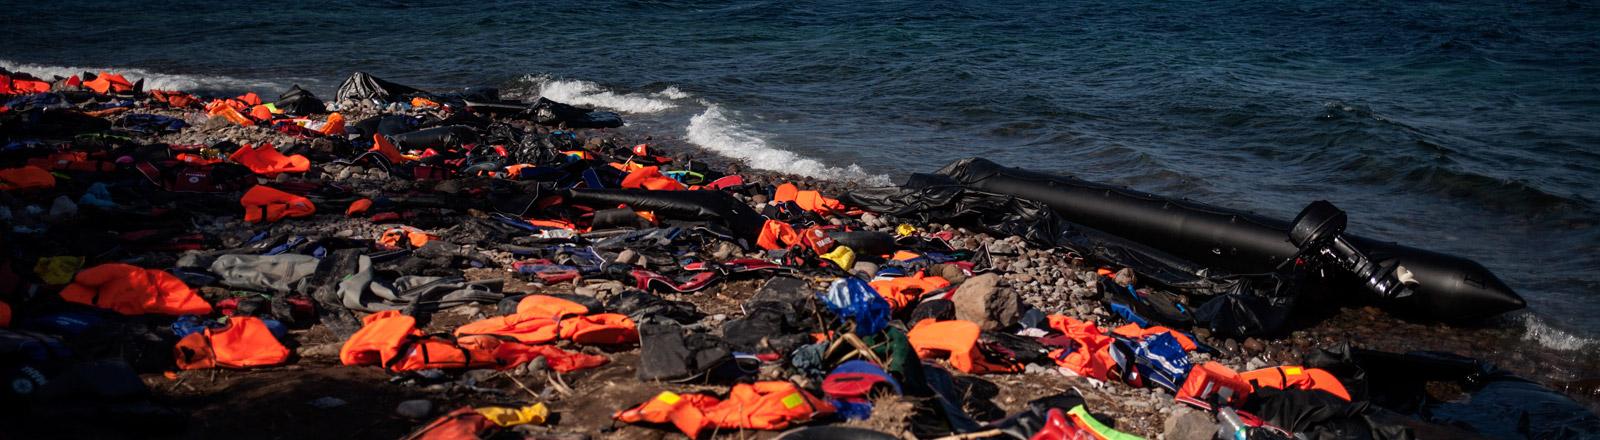 Schwimmwesten und kaputte Schlauchboote am Strand von Lesbos